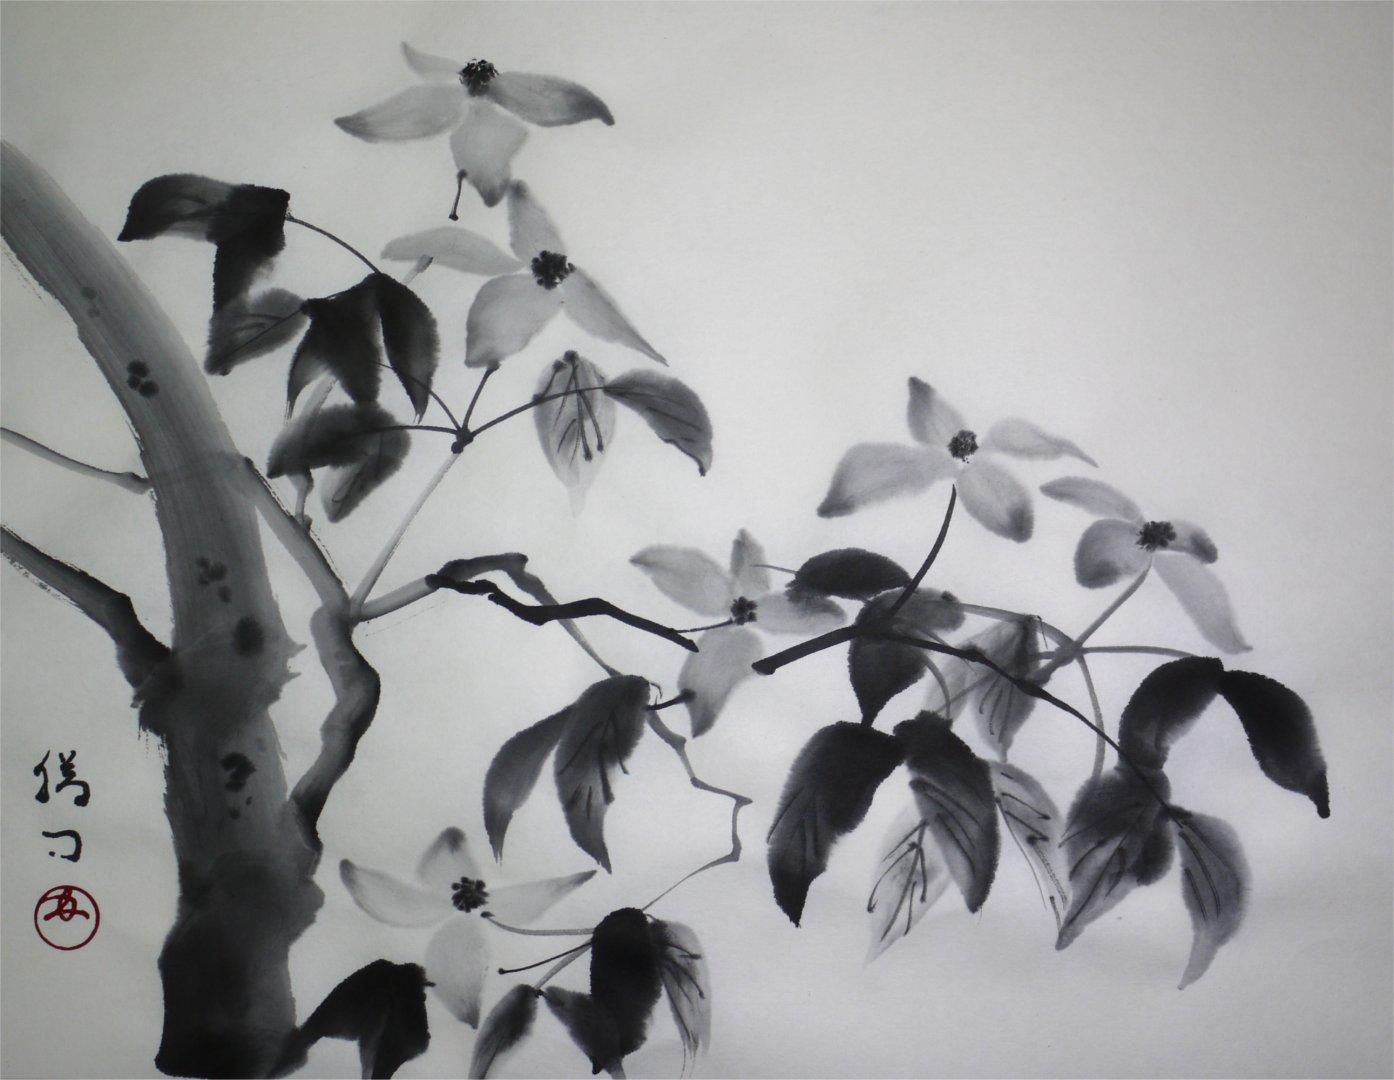 水墨画「ヤマボウシ」福田勝司筆